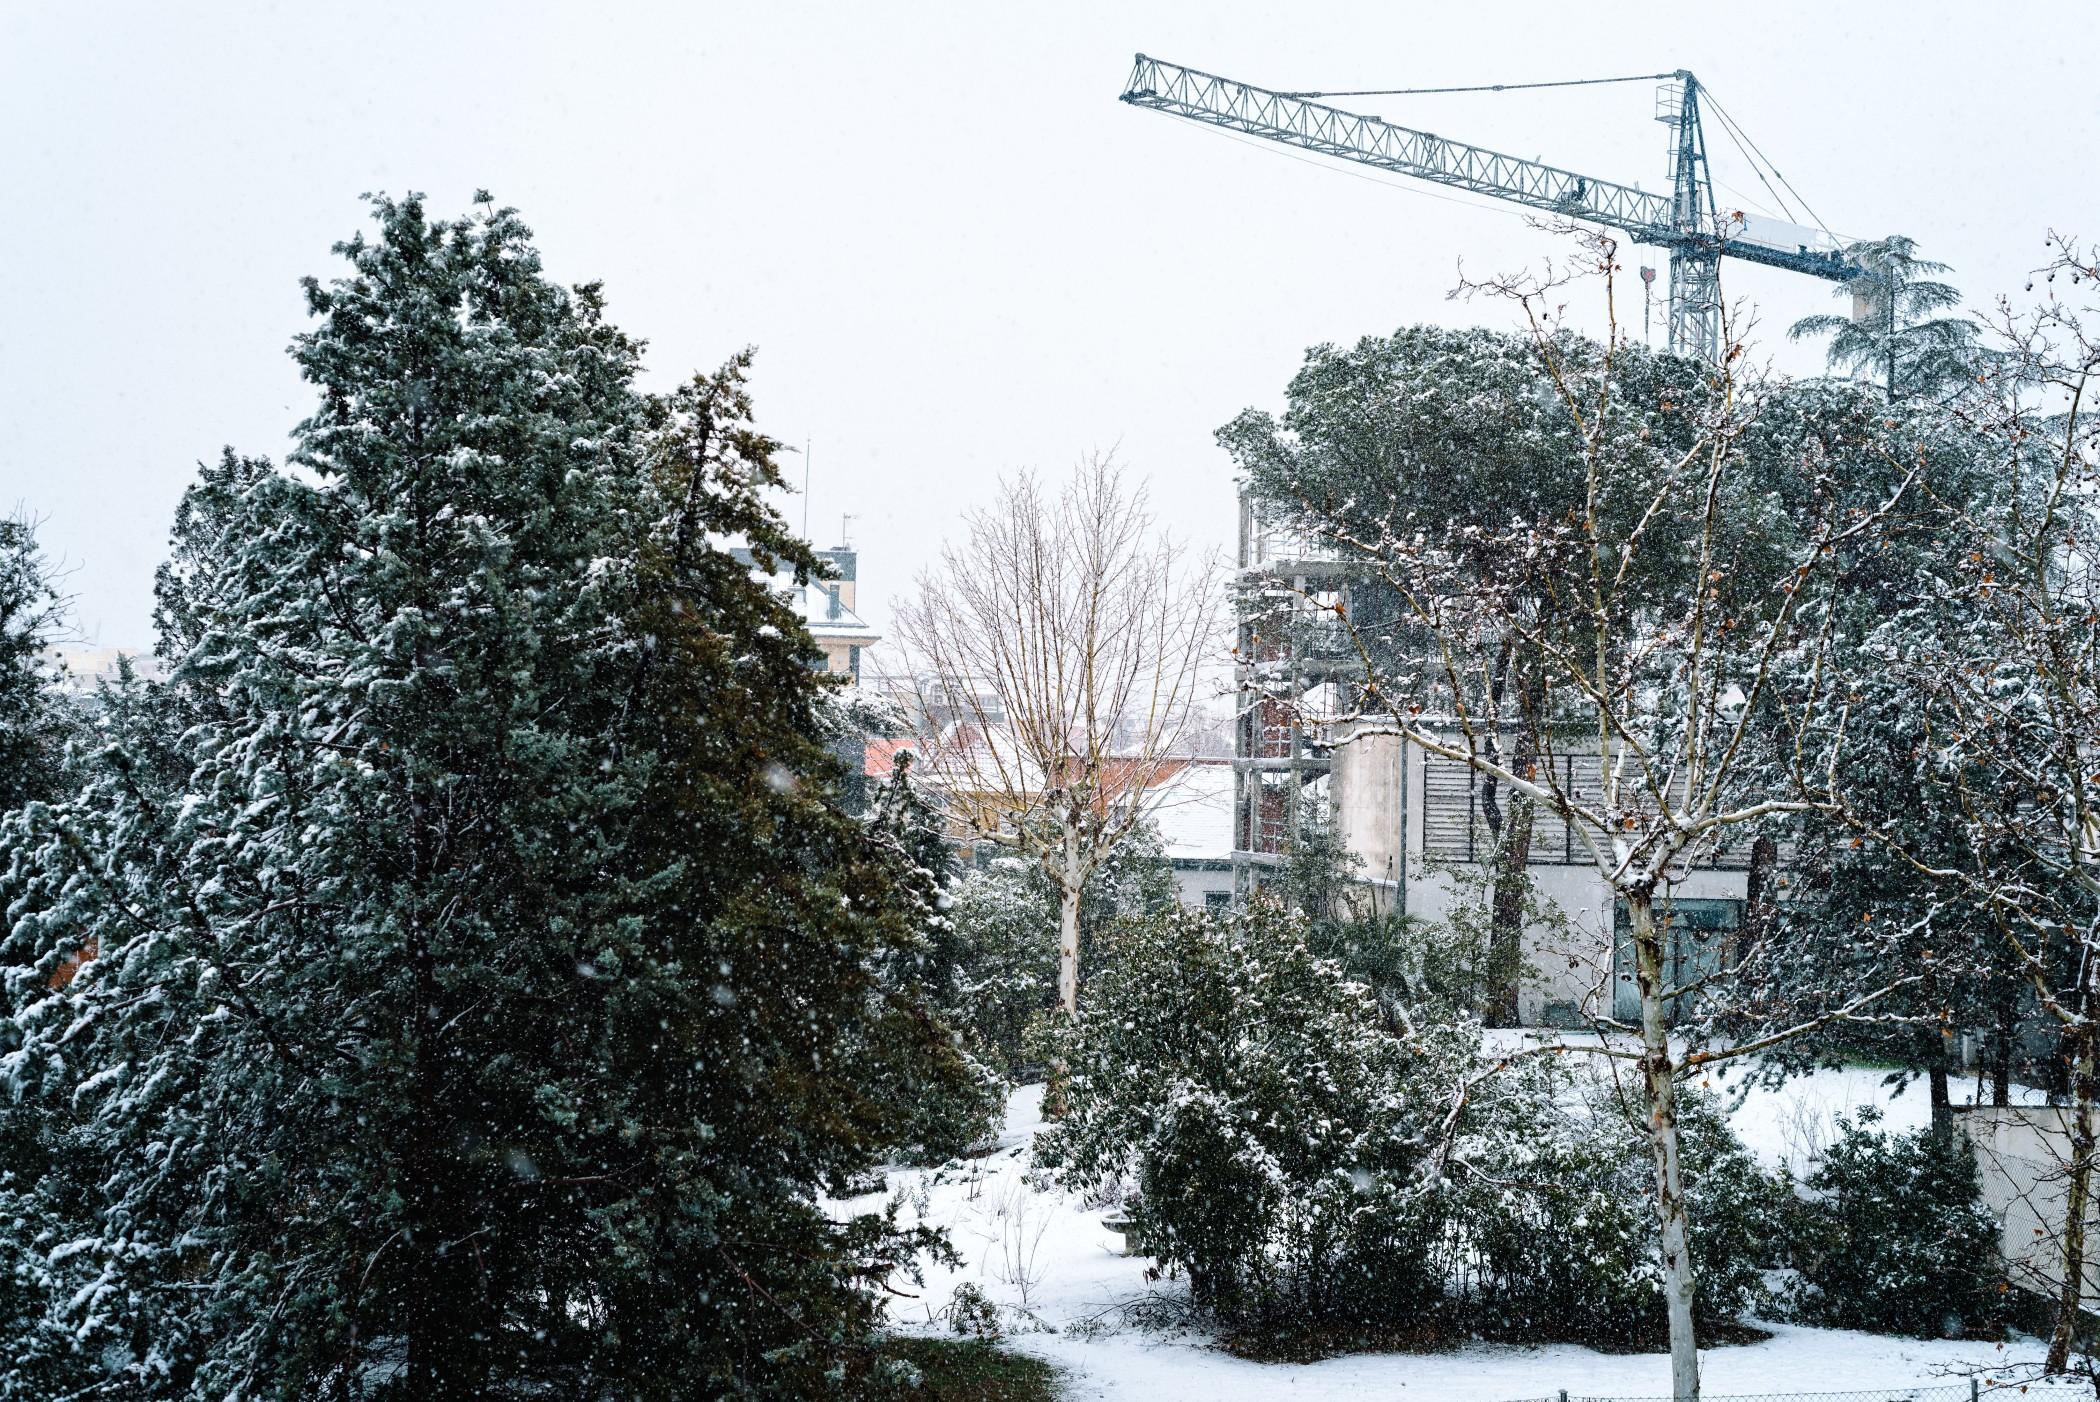 Der Hausbau im Winter birgt vielfältige Risiken. Foto: JJFarquitectos via Twenty20